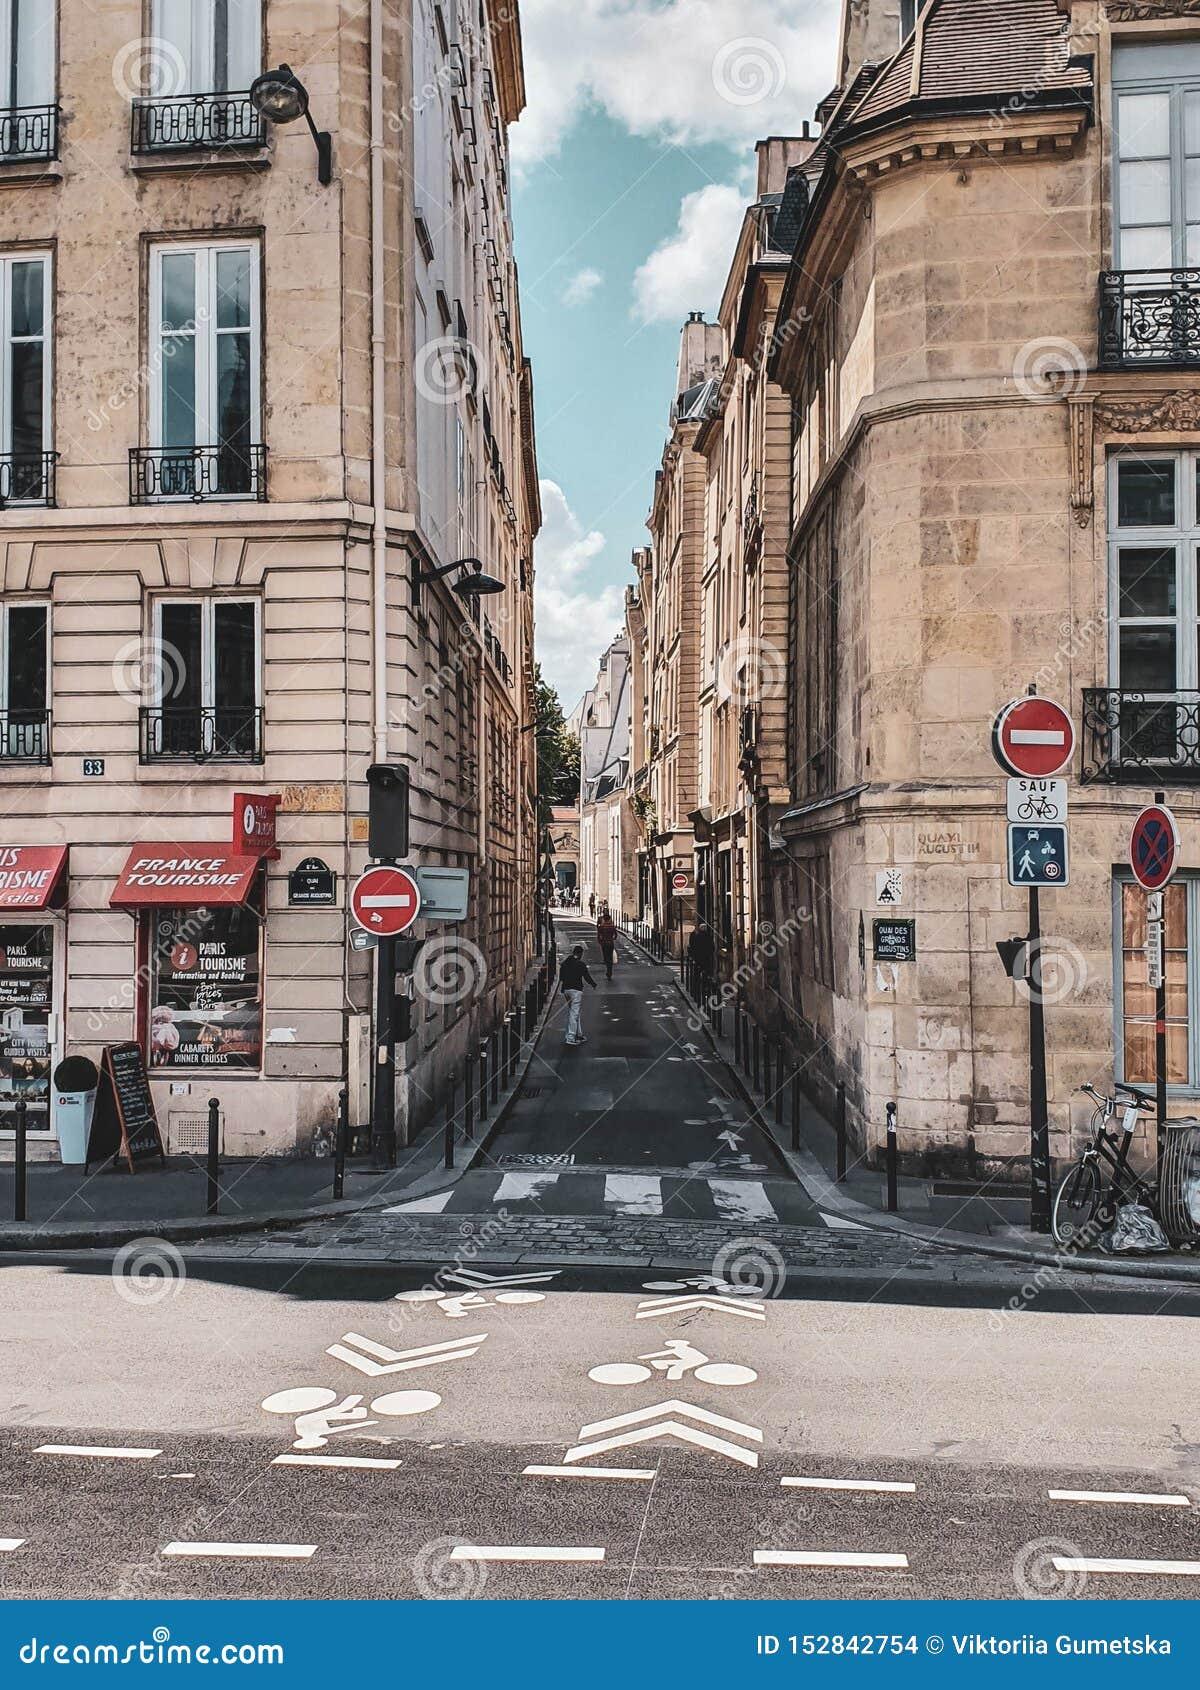 Paris, France, June 2019: Streets of Paris